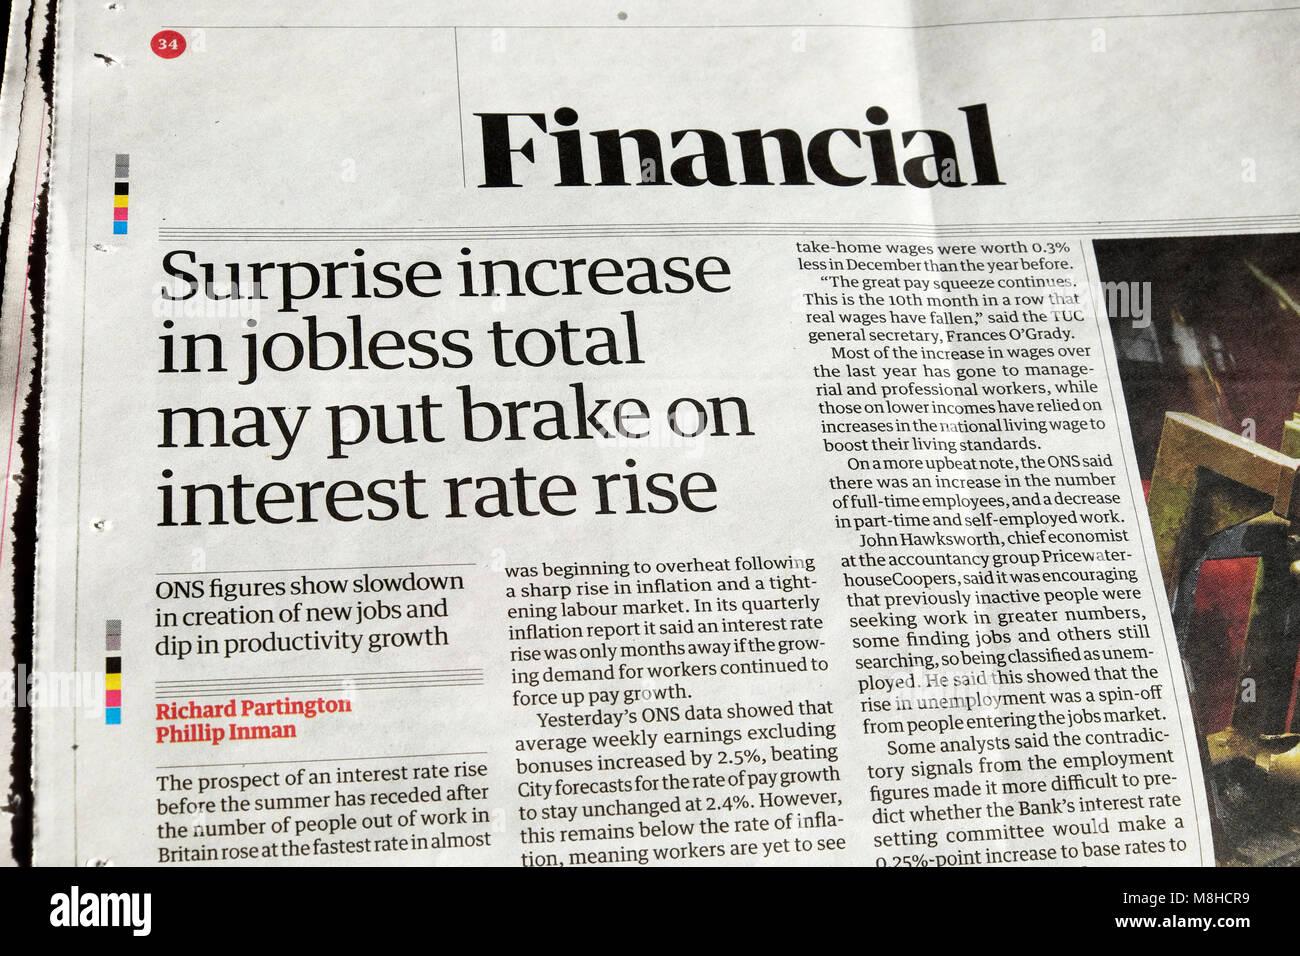 Quotidiano Guardian articolo titolo finanziario' a sorpresa aumento del totale di disoccupati possono mettere Immagini Stock